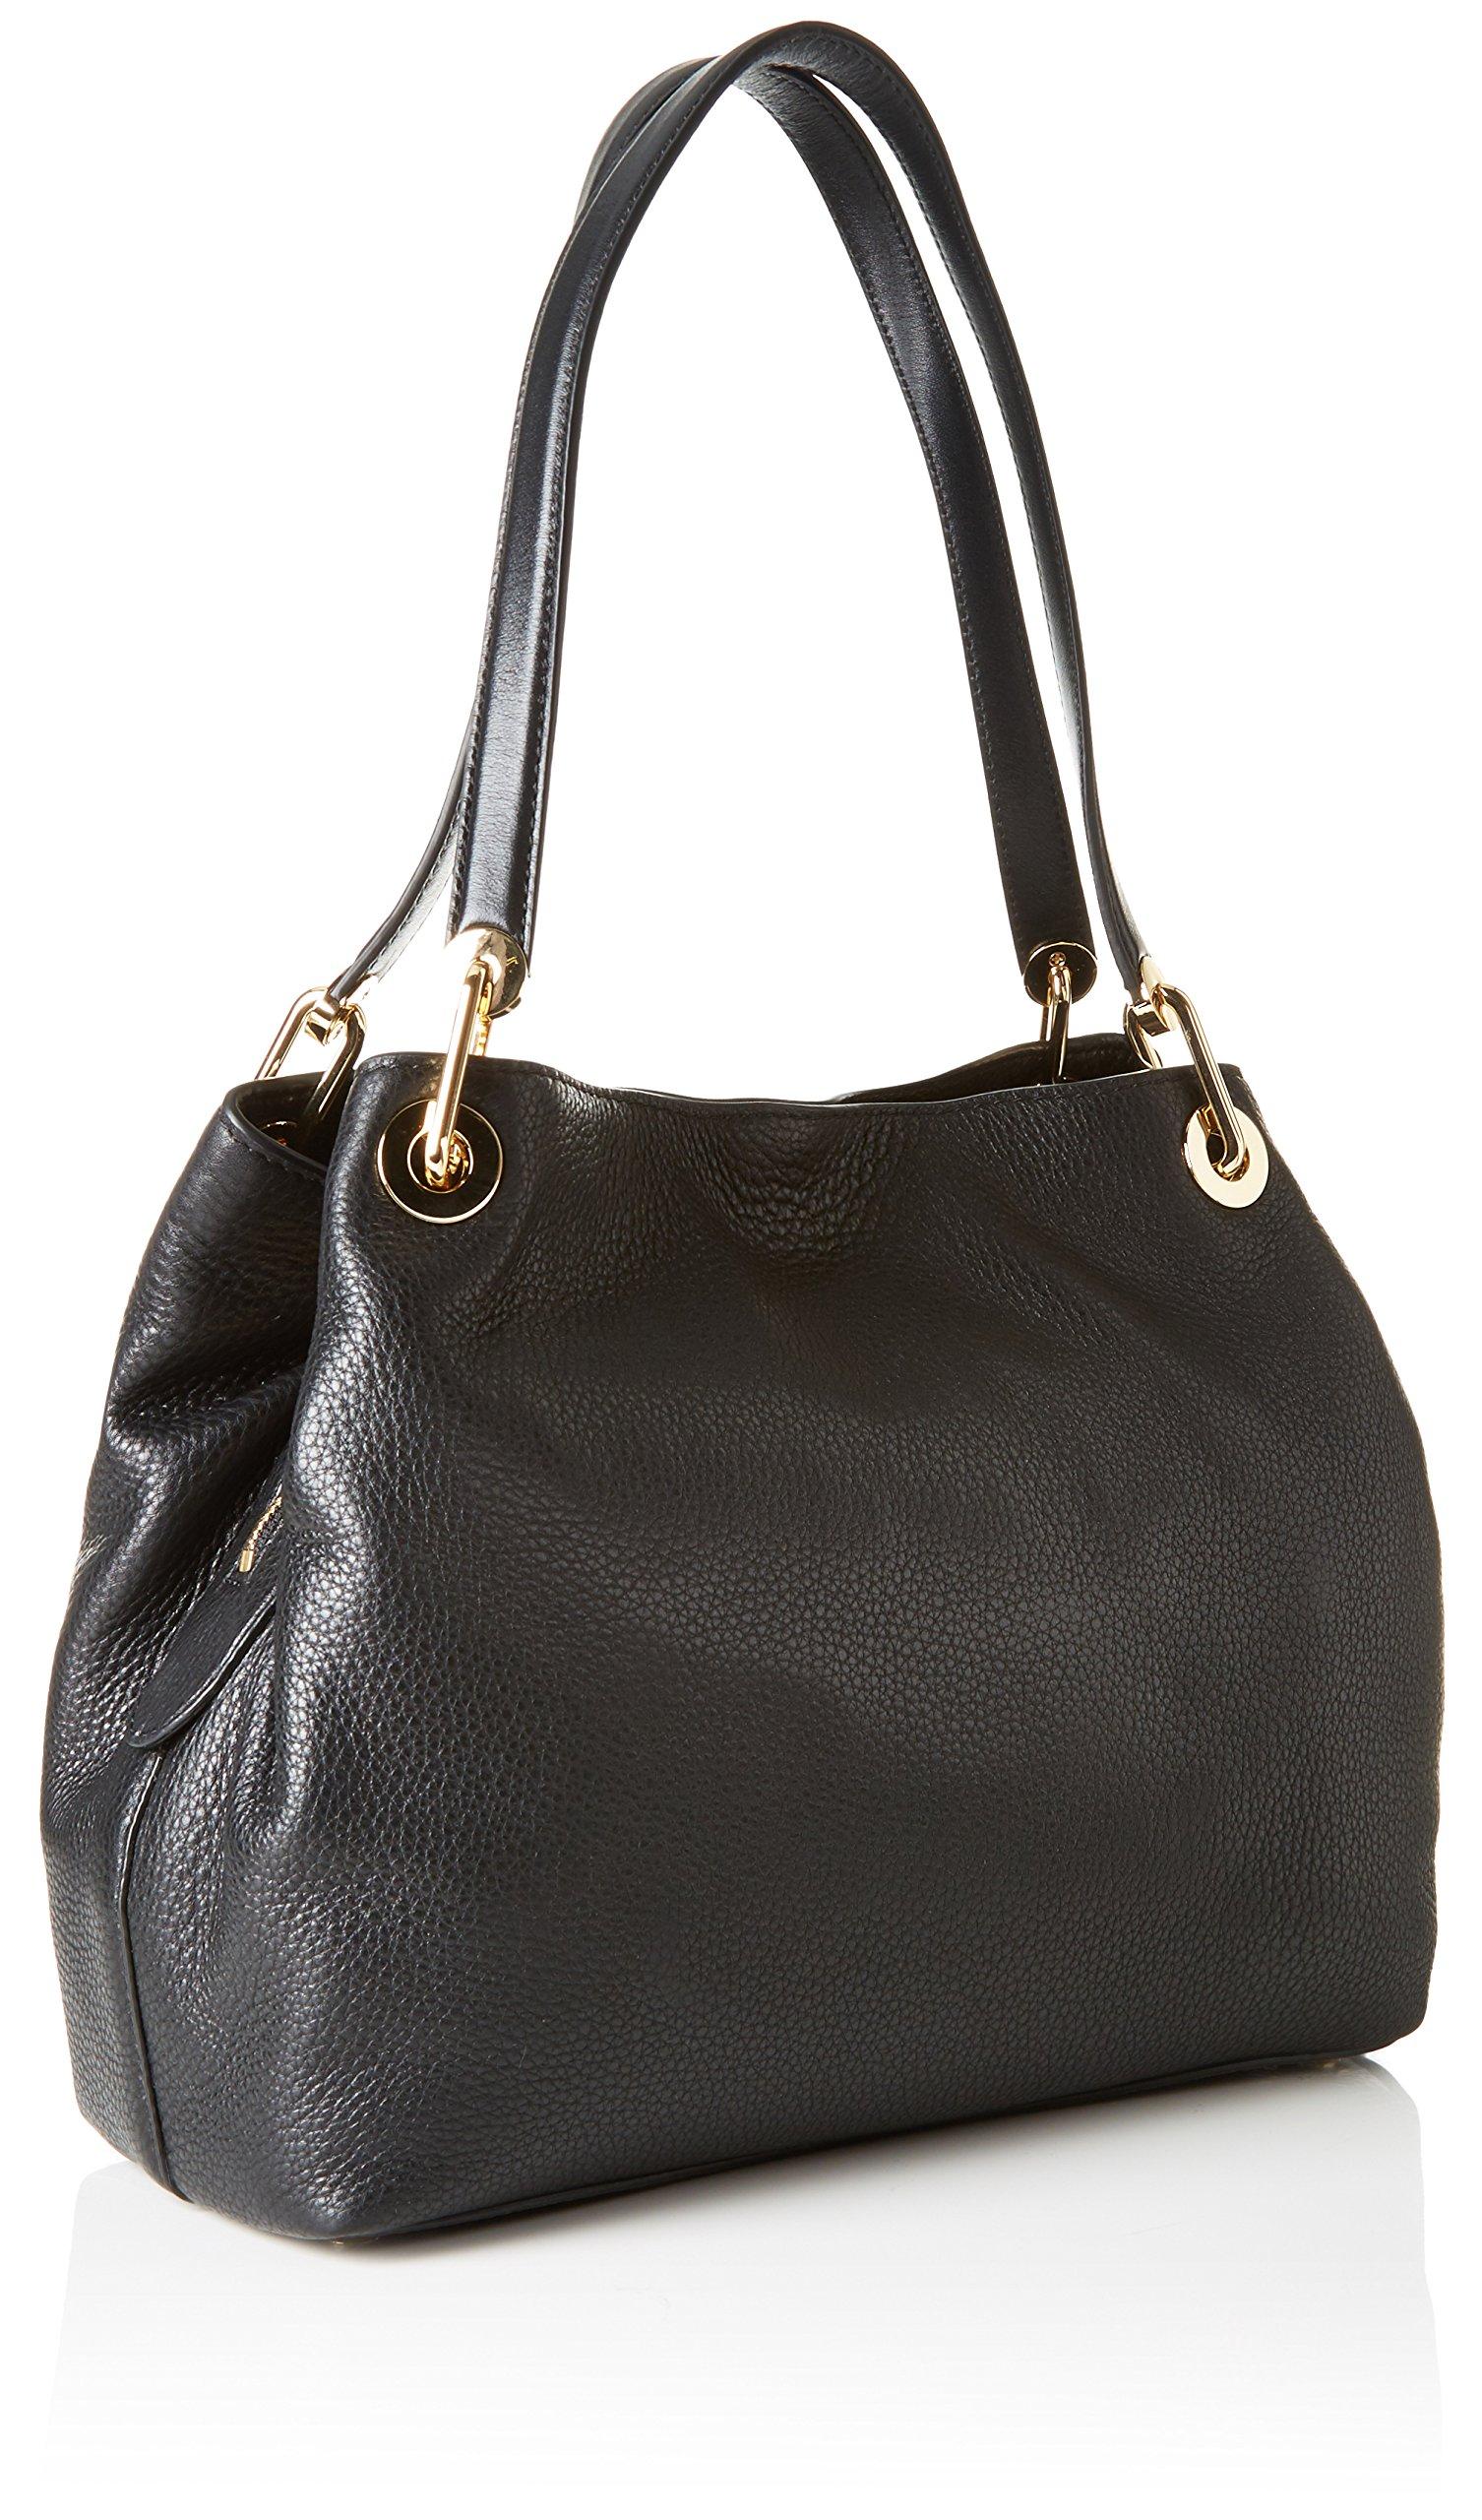 Michael Kors Raven Large Pebbled Leather Shoulder Bag